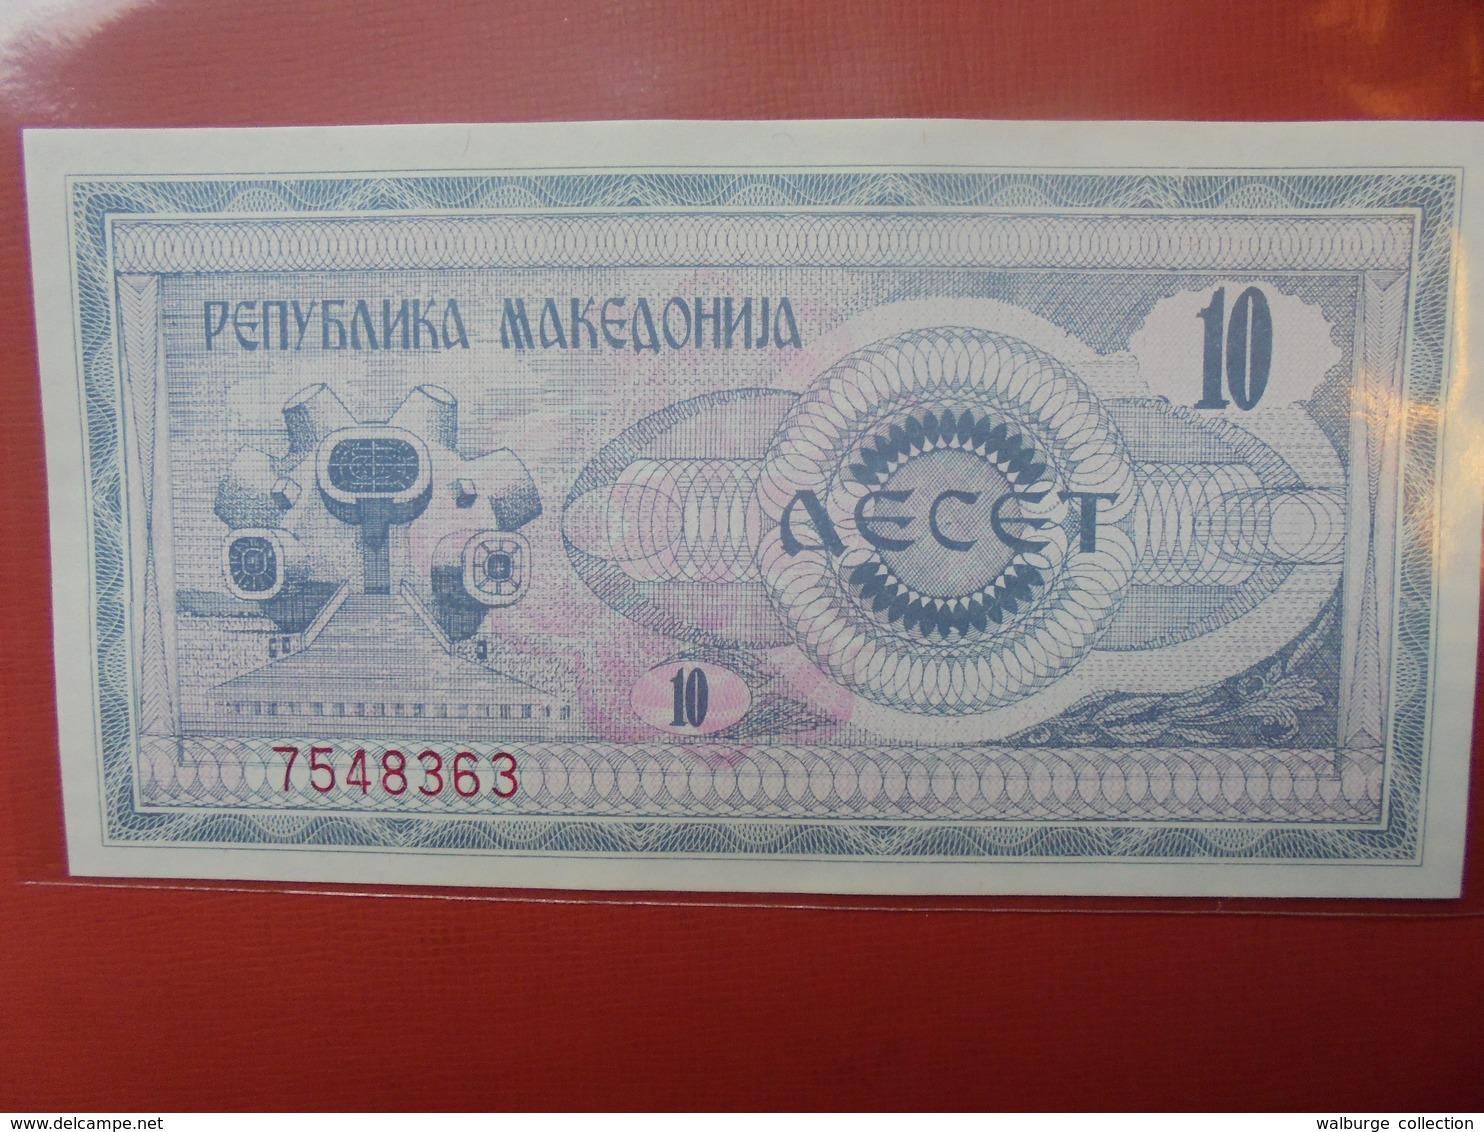 MACEDONIE 10 DINAR 1992 PEU CIRCULER/NEUF - Macedonia